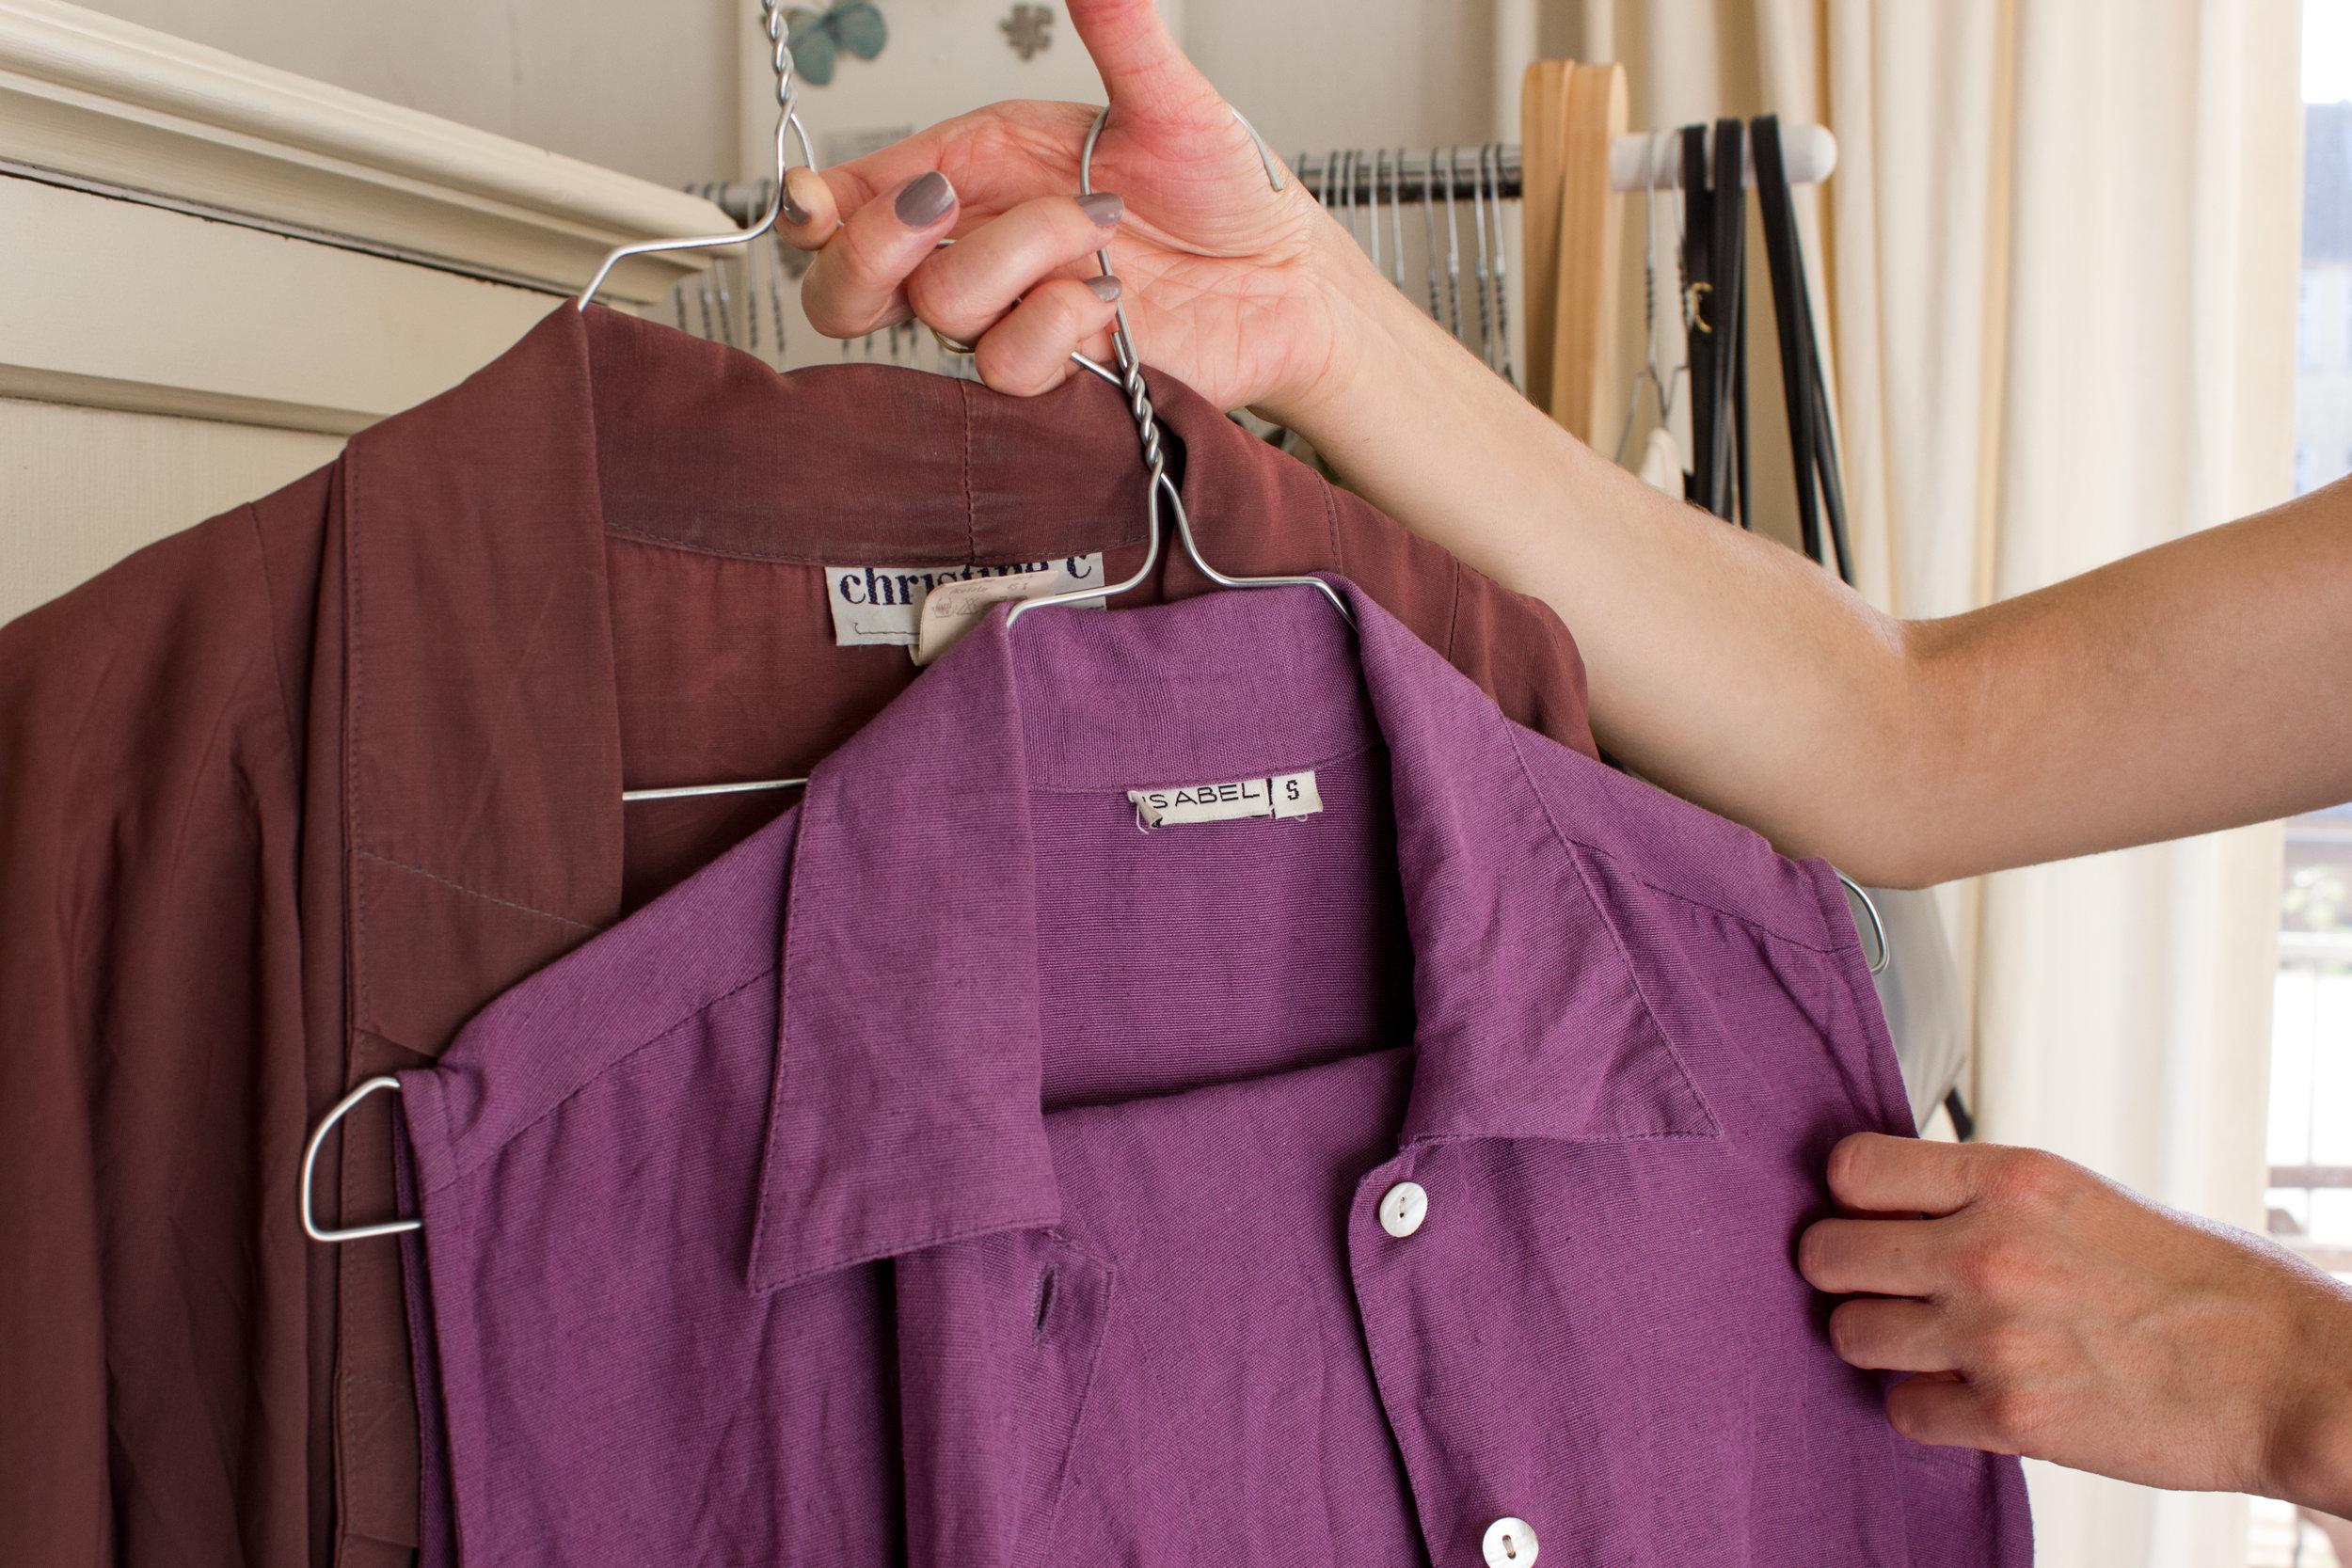 """Louise har lige været igennem en """"lilla-periode"""", som hun selv beskriver det, hvor hendes outfits blev holdt i violette toner."""